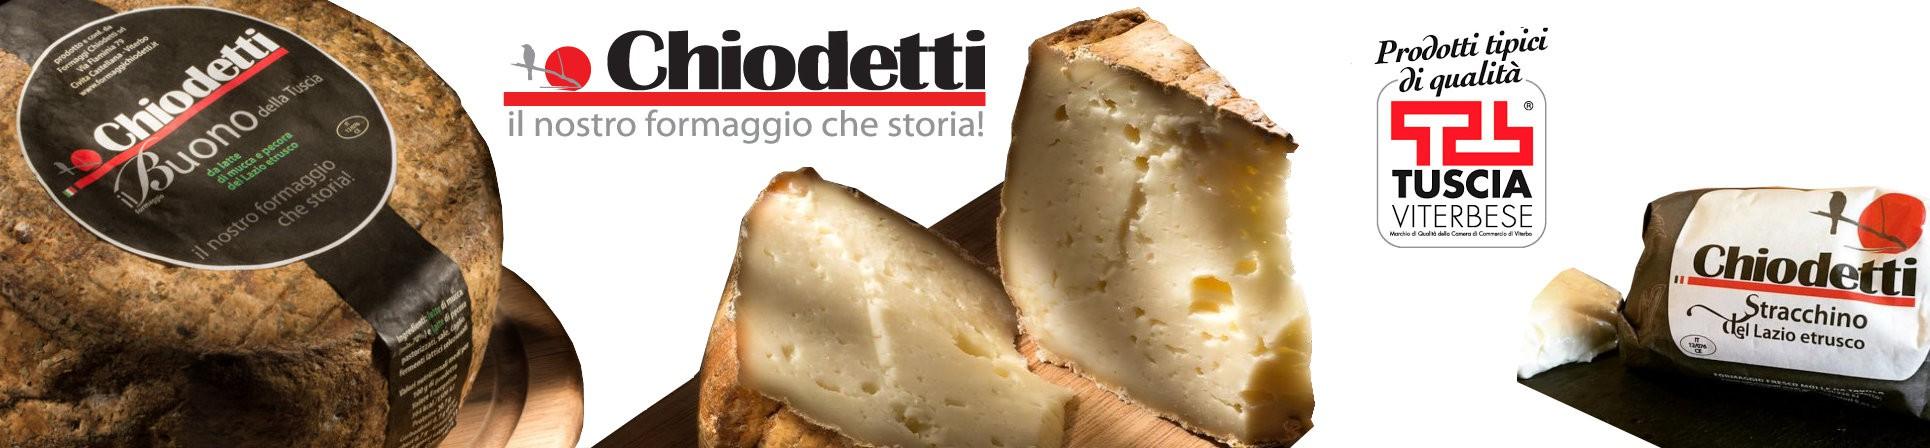 vendita online all'ingrosso Formaggi della Tuscia Viterbese - CHIODETTI FORMAGGI